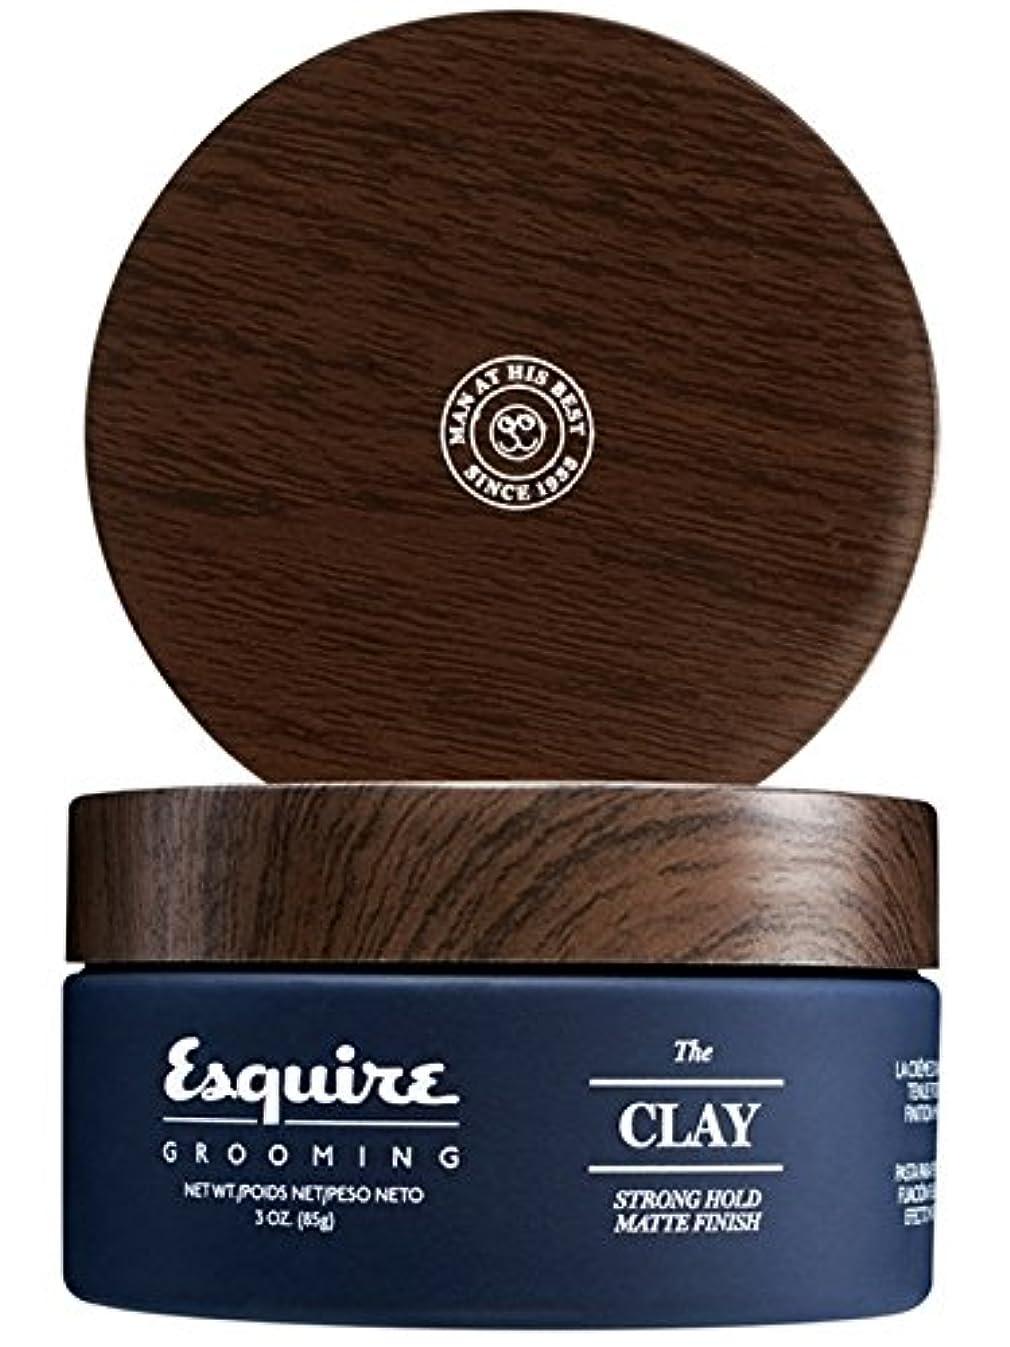 ジュラシックパーク砂利首尾一貫したCHI Esquire Grooming The Clay (Strong Hold, Matte Finish) 85g/3oz並行輸入品